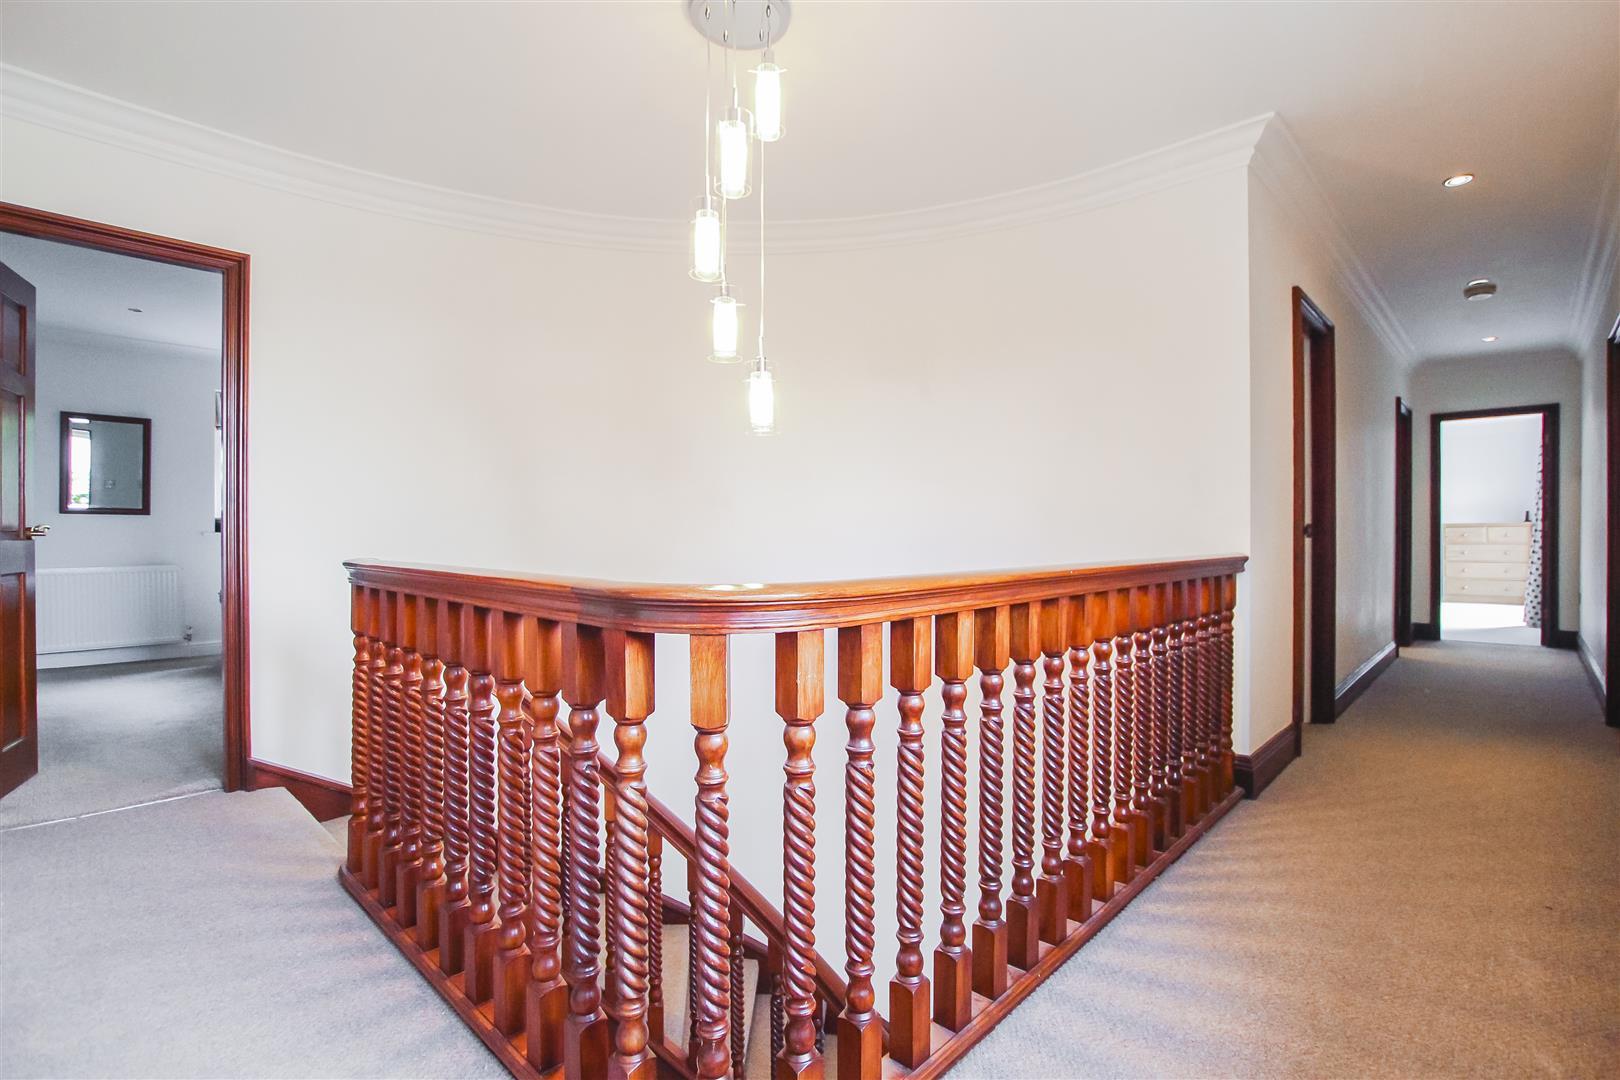 6 Bedroom Detached House For Sale - Landing